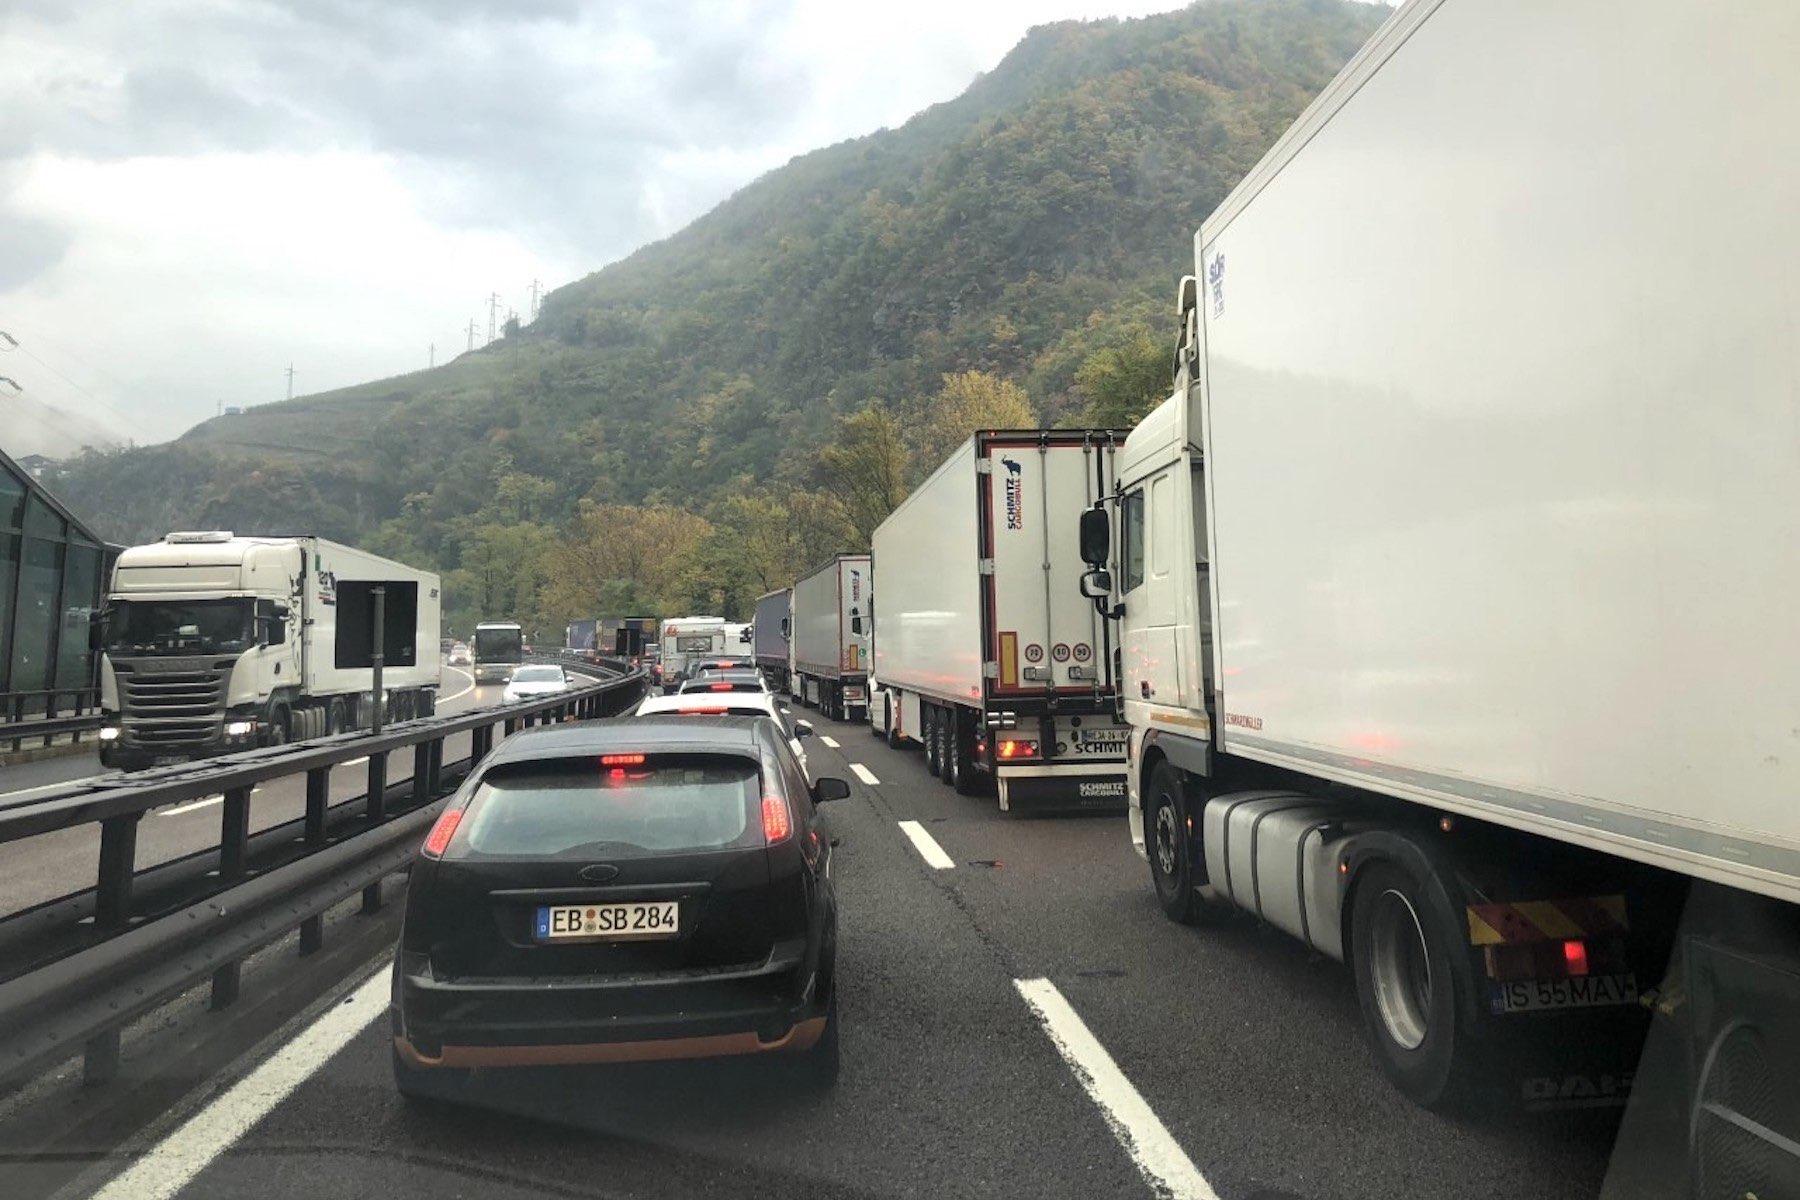 LKW-Stau:Gesamt-Tiroler Mautsystem für Brennerautobahn.